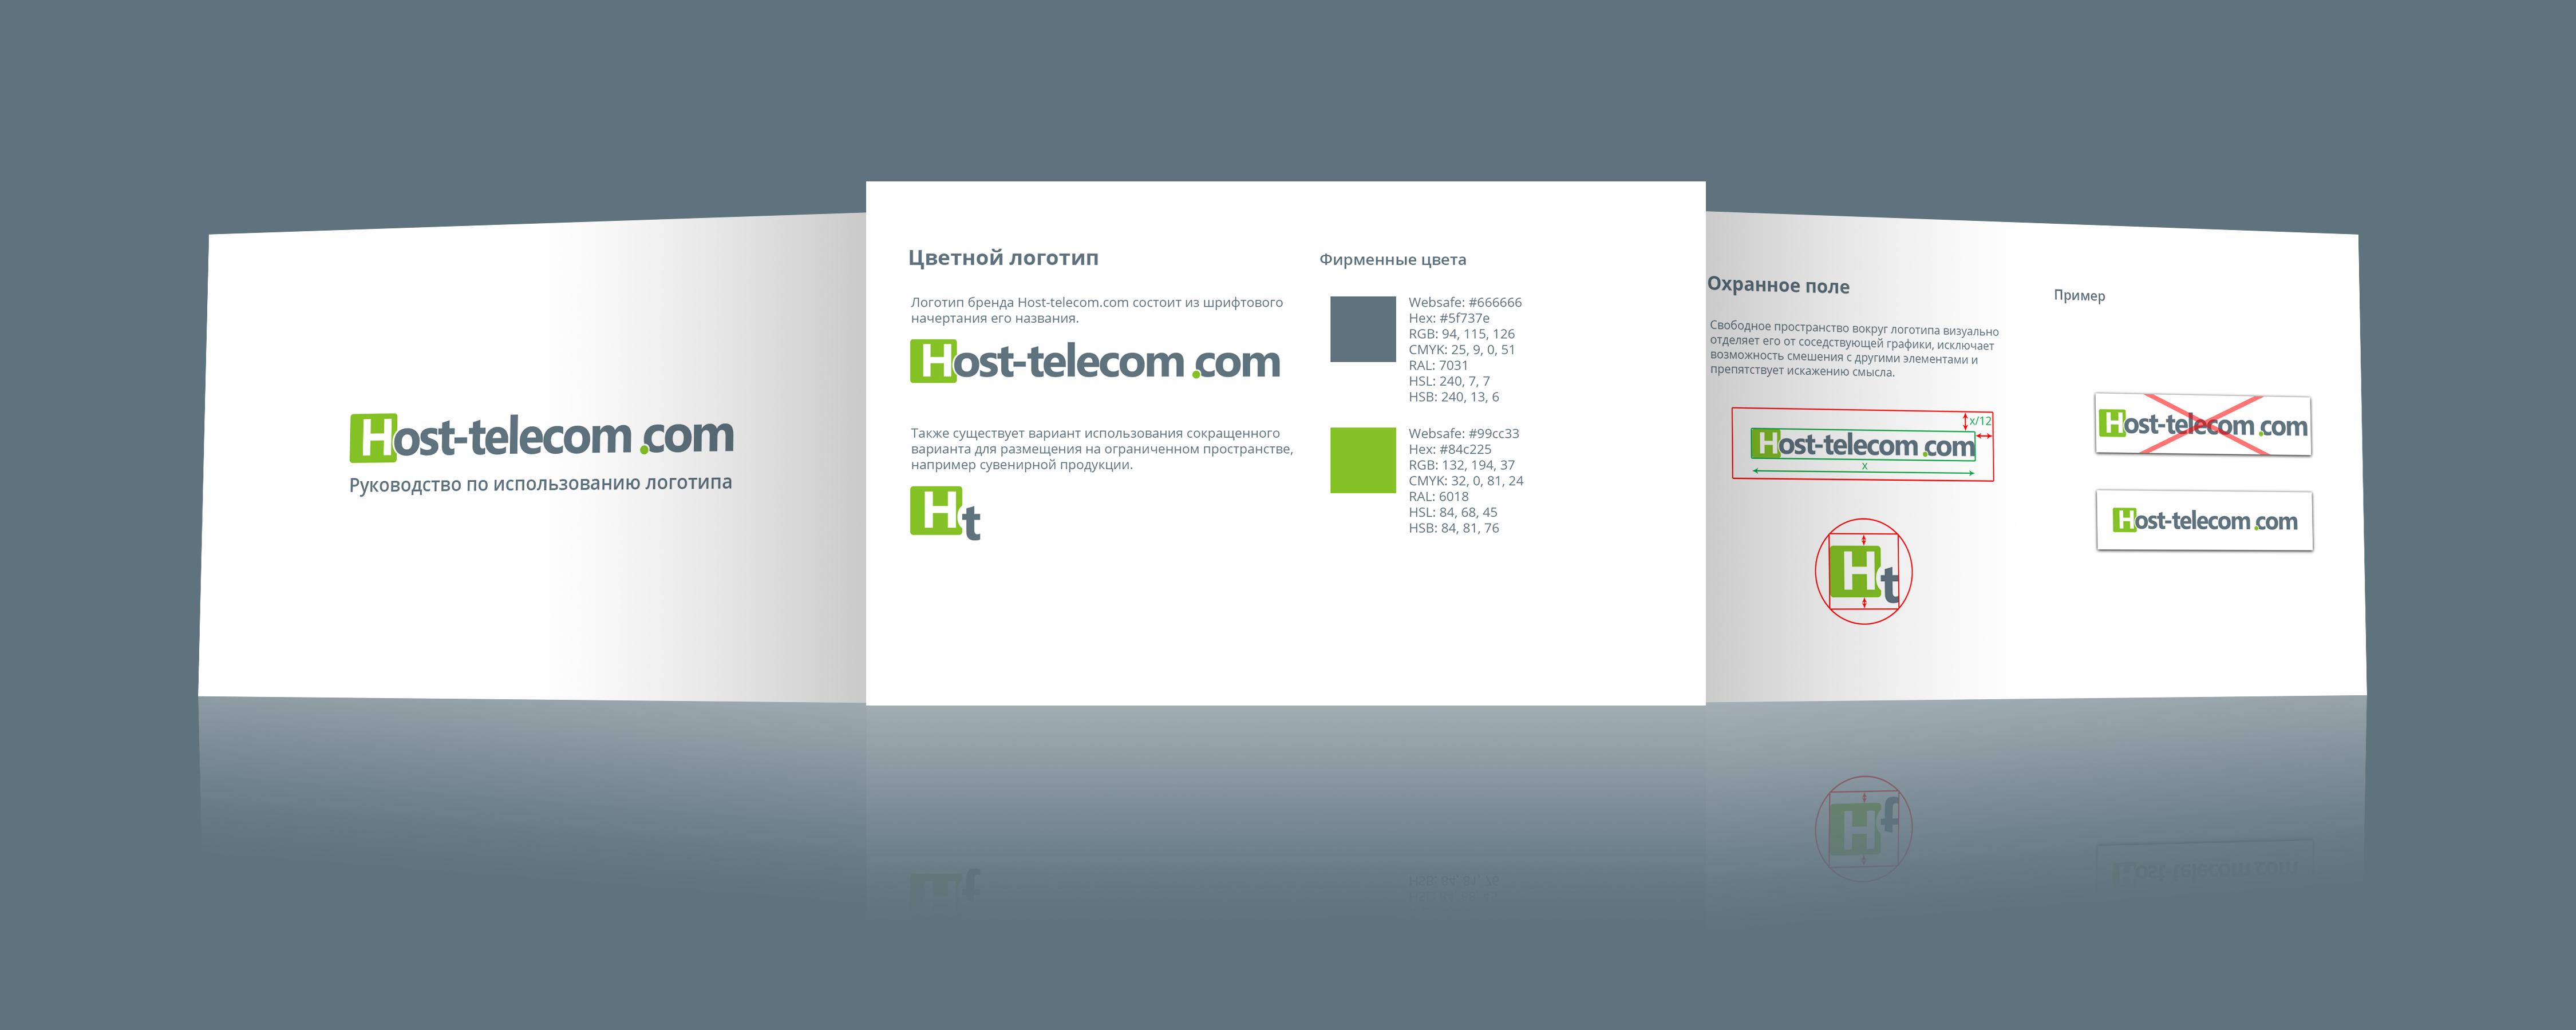 Руководство по использованию логотипа Host-telecom.com